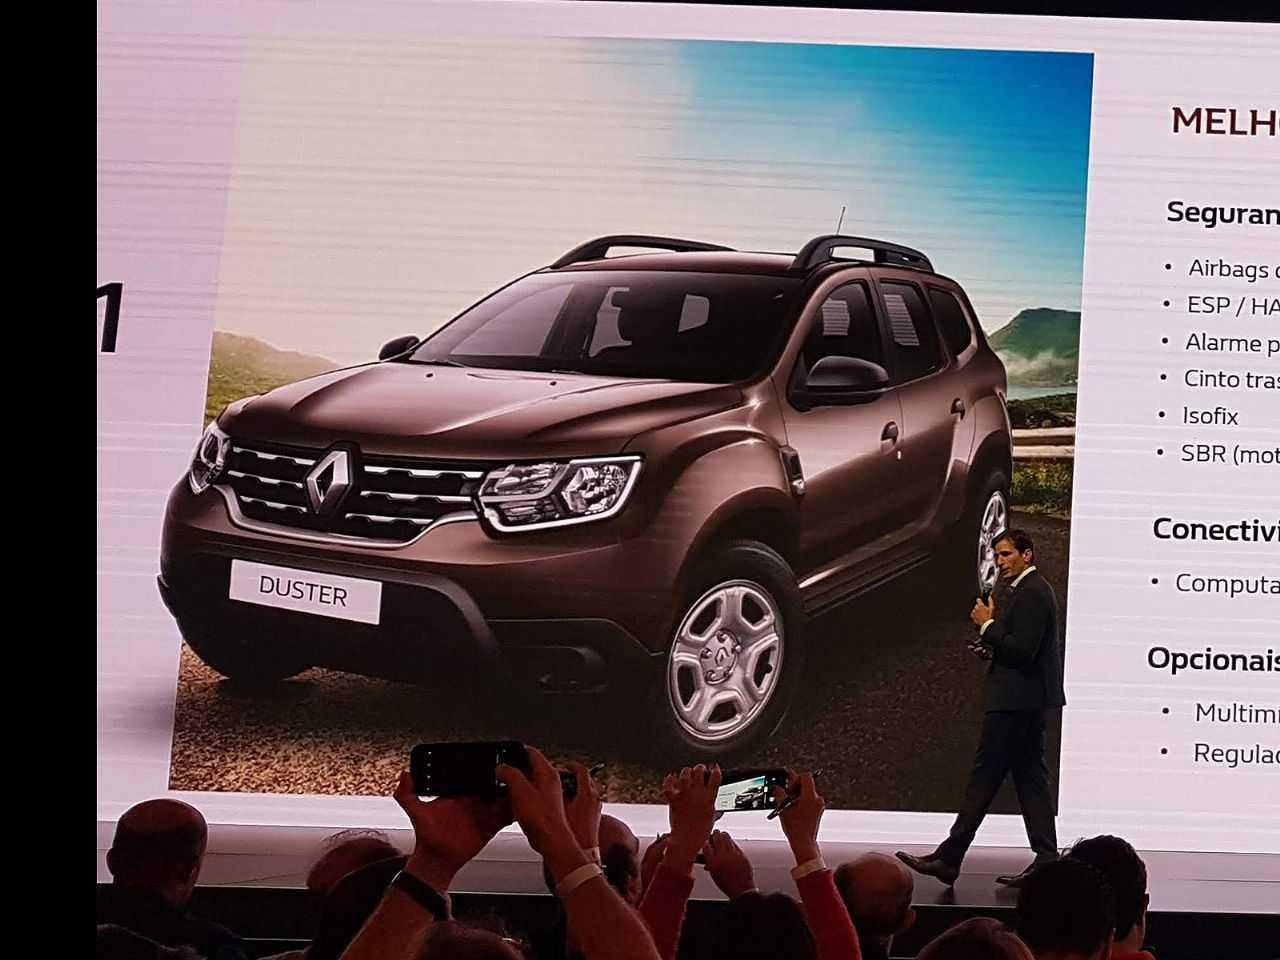 Primeira imagem oficial do novo Duster Life apresentada no lançamento do modelo